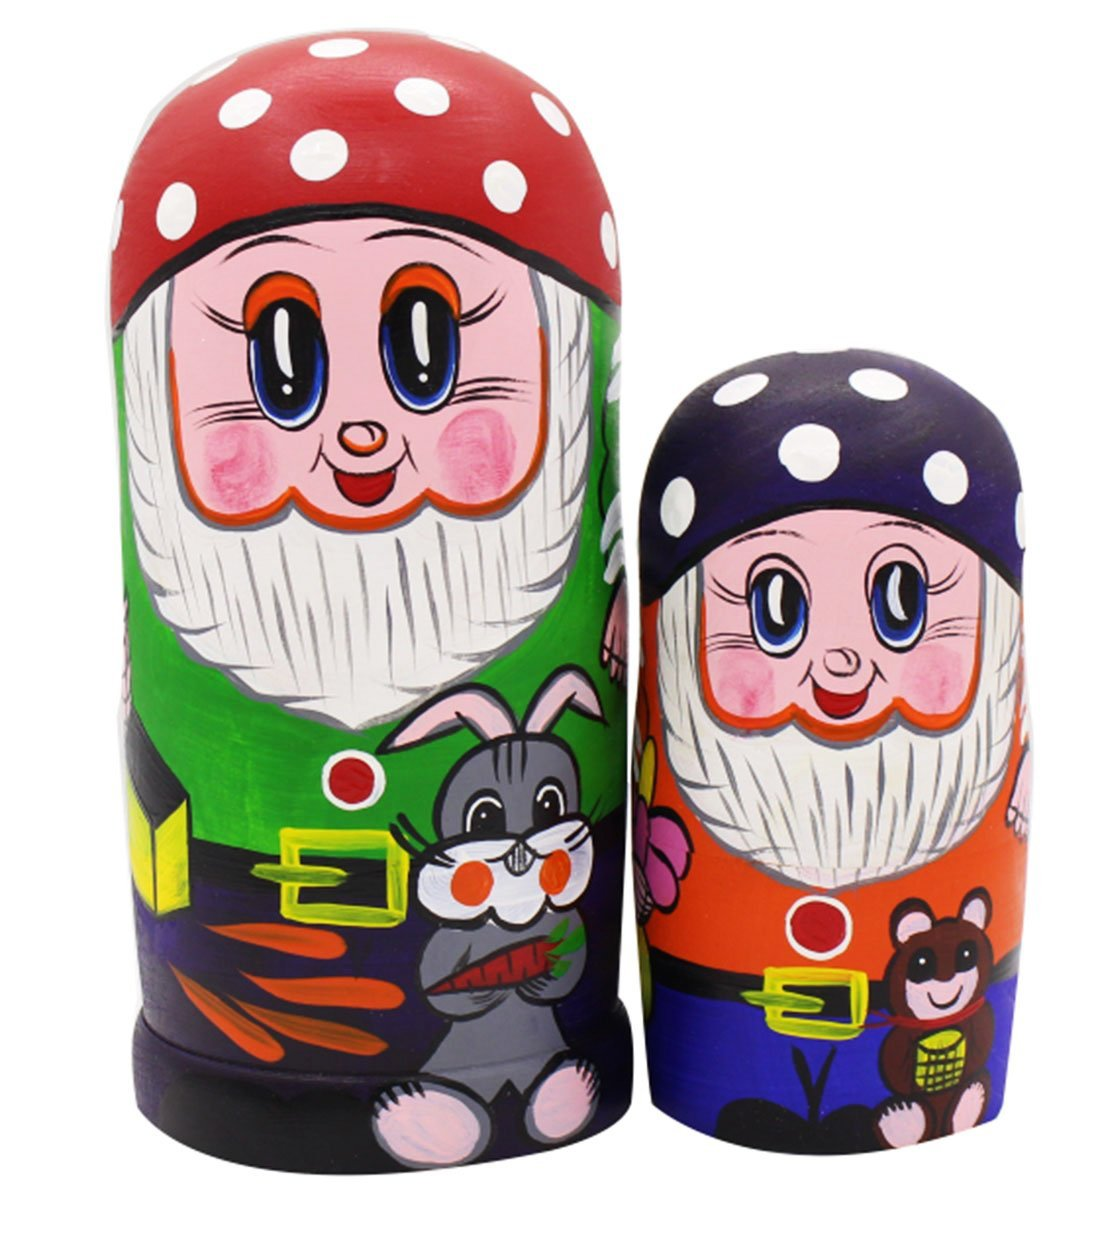 Set von 7 M/ärchen Zwerge Stapeln Spielzeug Russischen Puppe Handgefertigt Spielzeug aus Holz f/ür Kinder Kinderzimmer Decor Blau